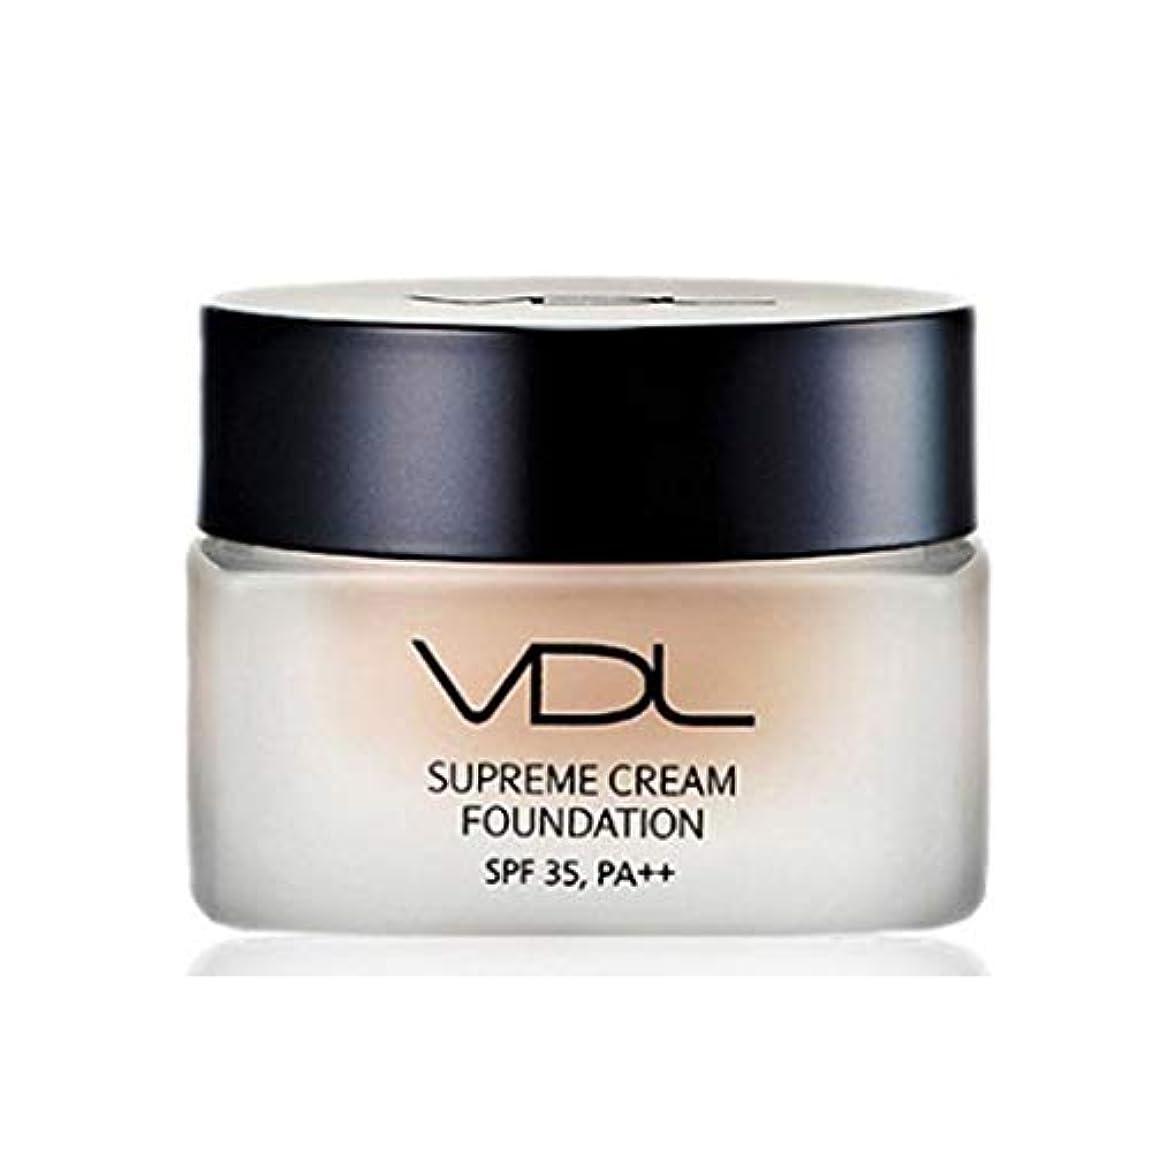 放課後巨大な期限VDLスプリームクリームファンデーション30ml SPF35 PA++ 4色、VDL Supreme Cream Foundation 30ml SPF35 PA++ 4 Colors [並行輸入品] (A02)